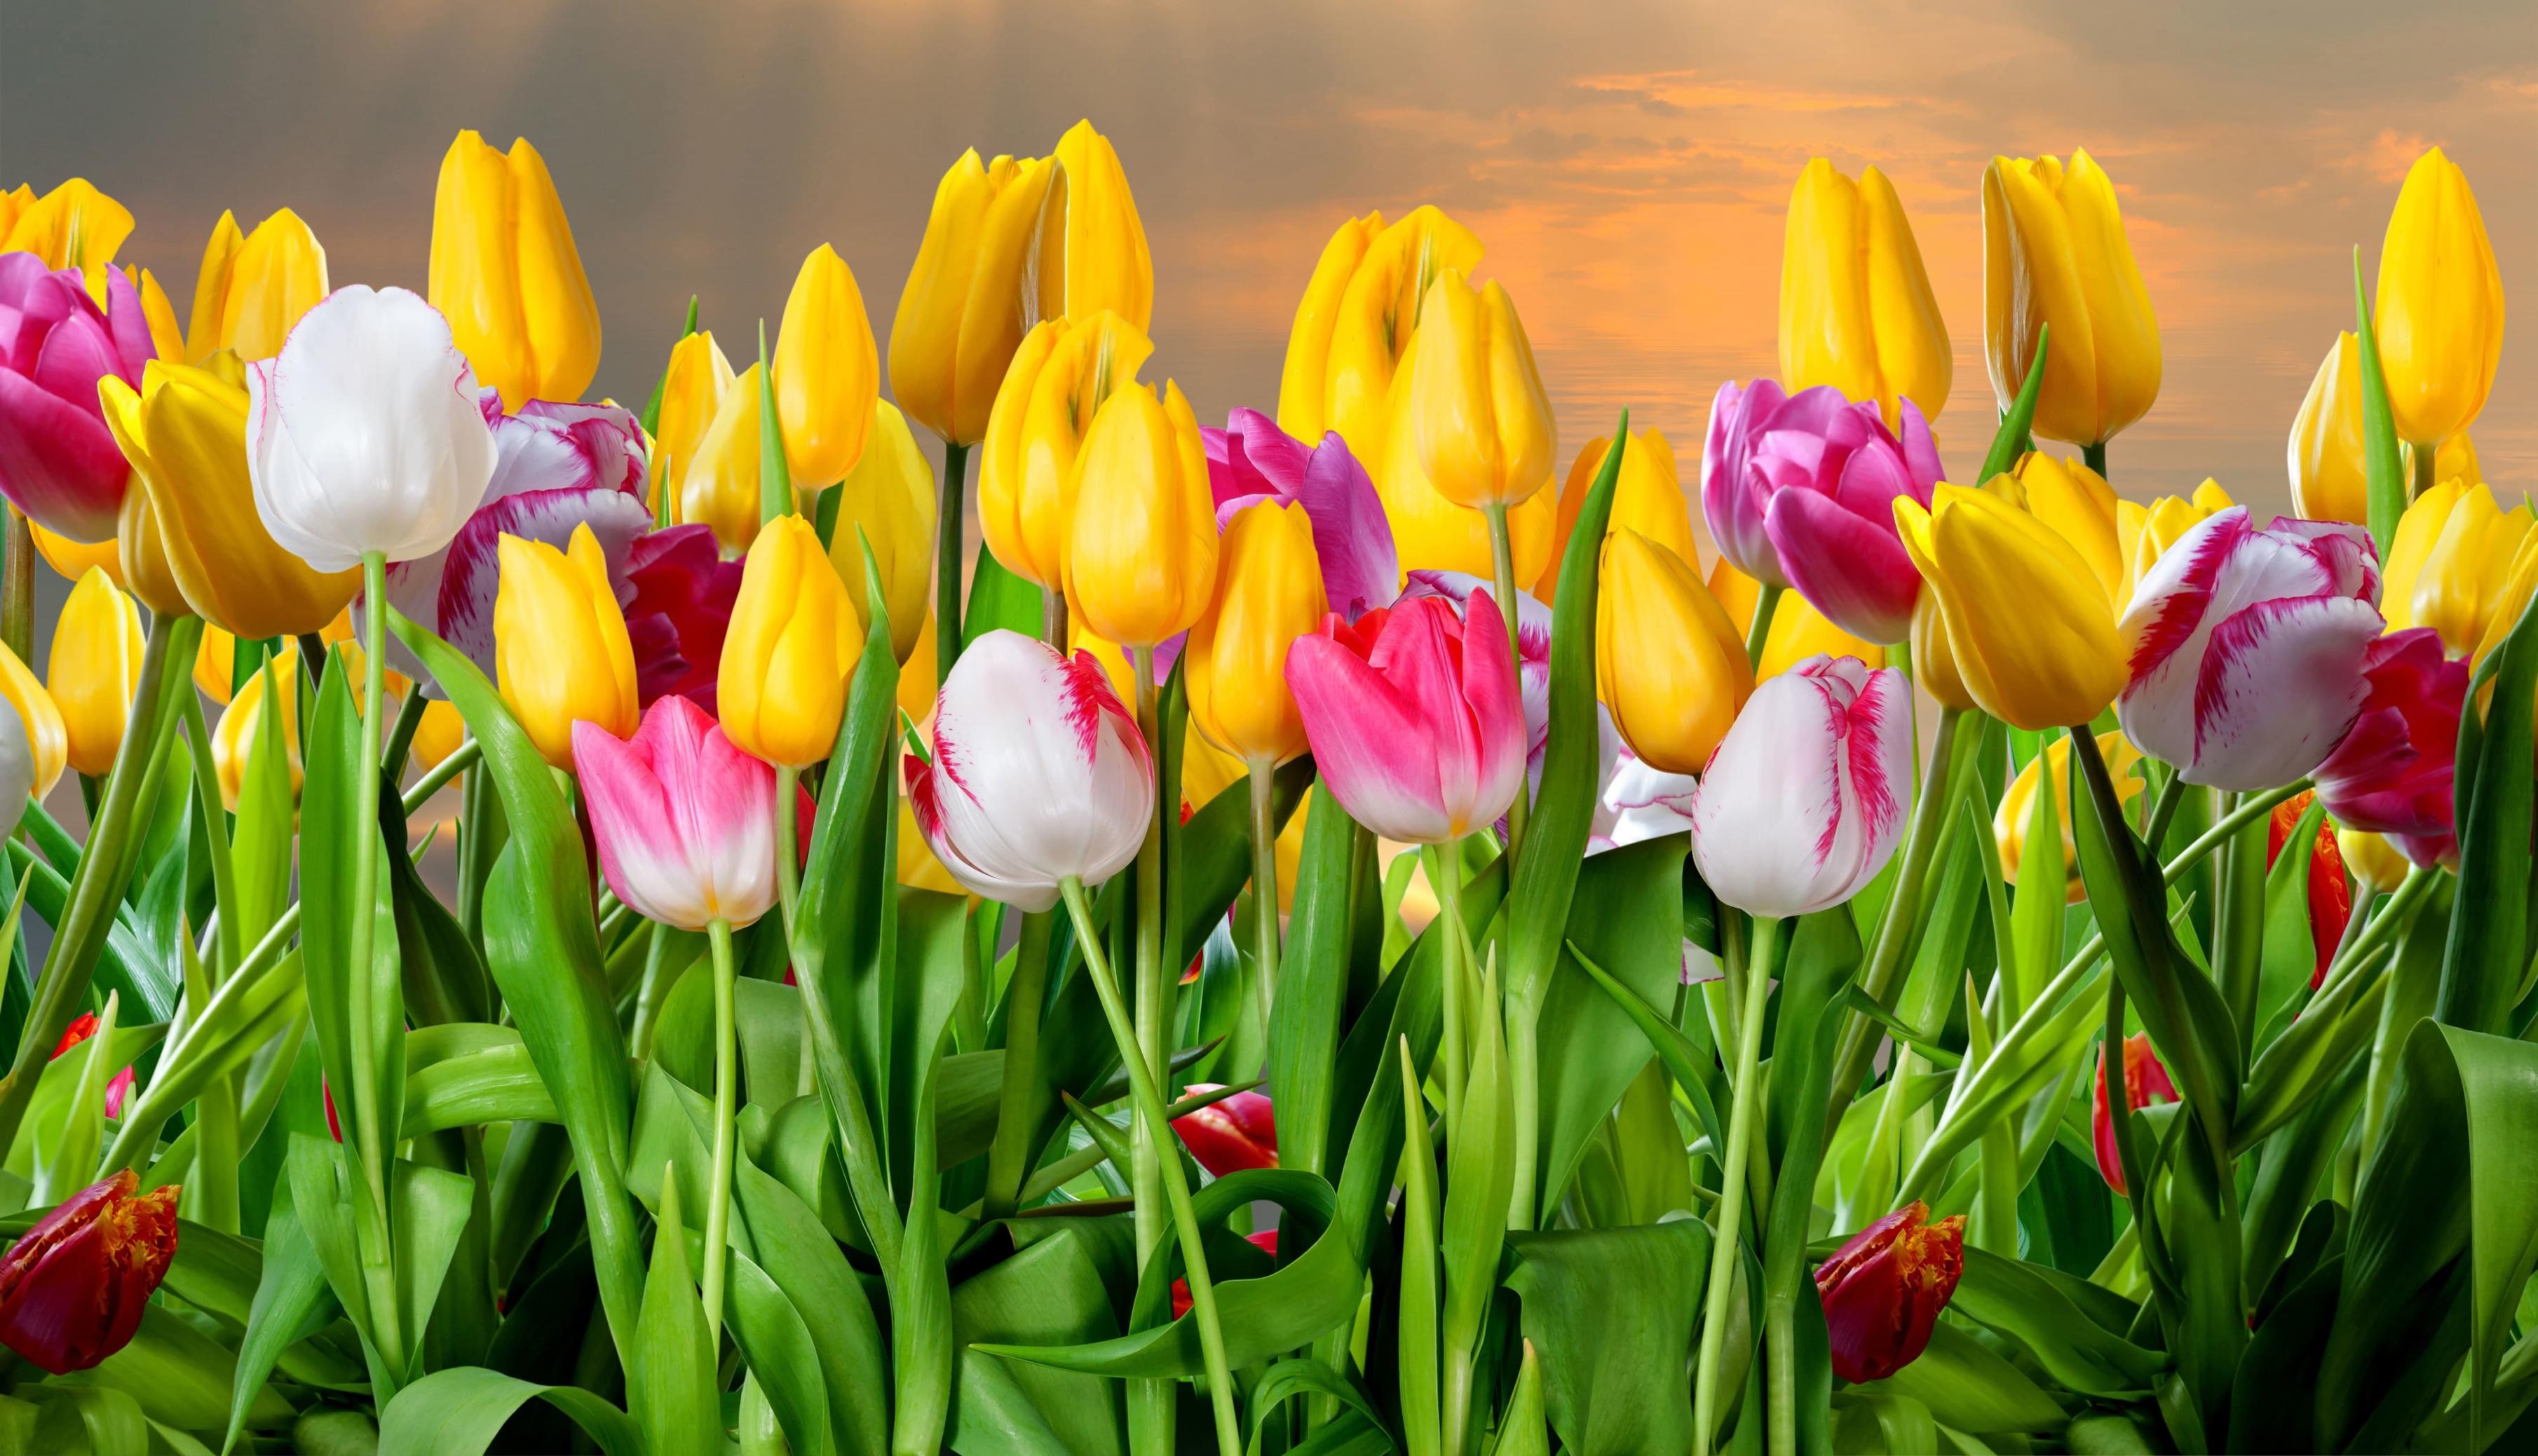 tulip-photo-36